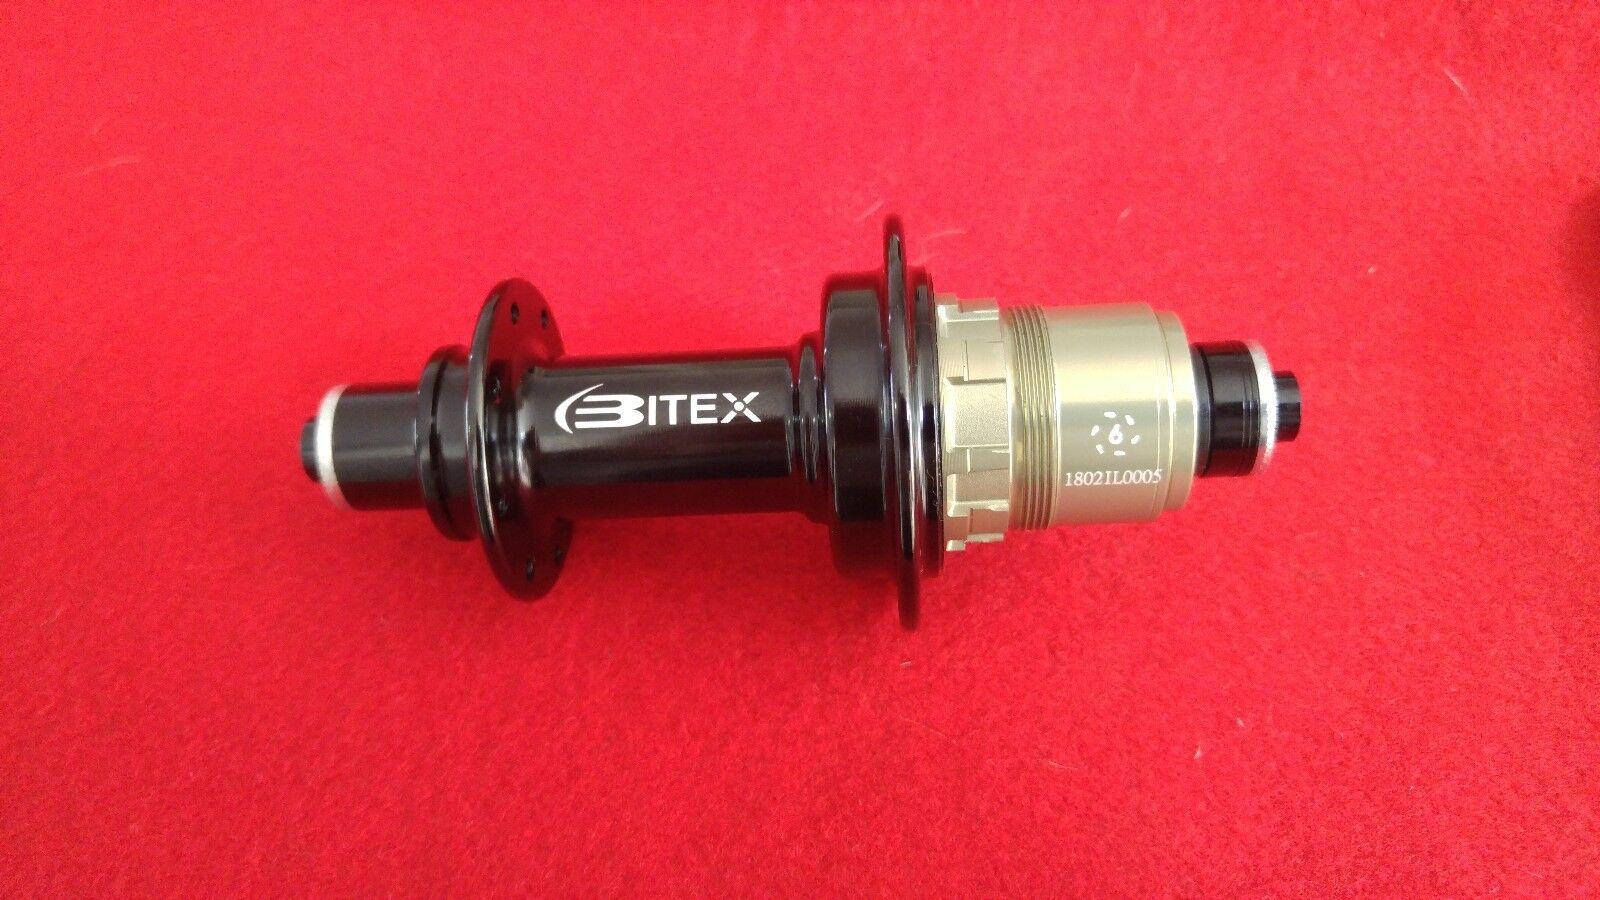 Bitex RAR9  24 holes (2 1) Ultra light hub for SRAM XD cassette 189 grams